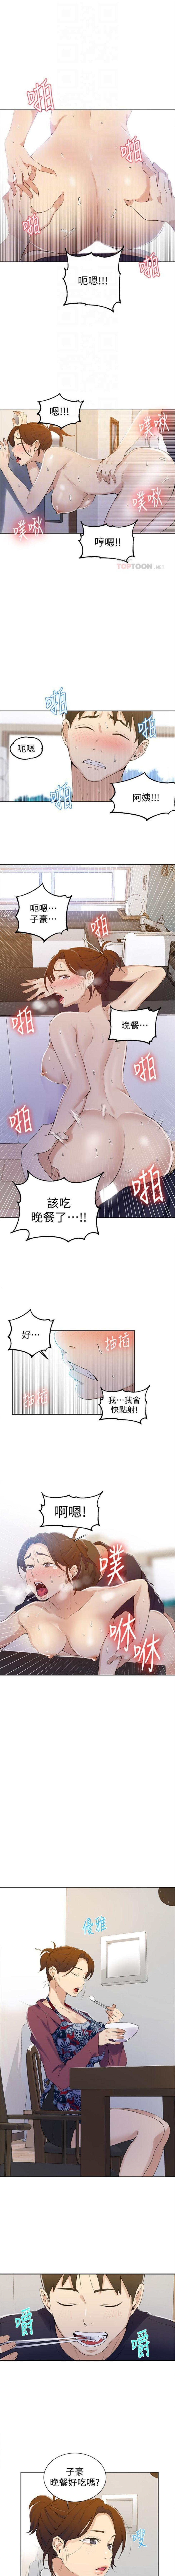 秘密教學  1-50 官方中文(連載中) 304